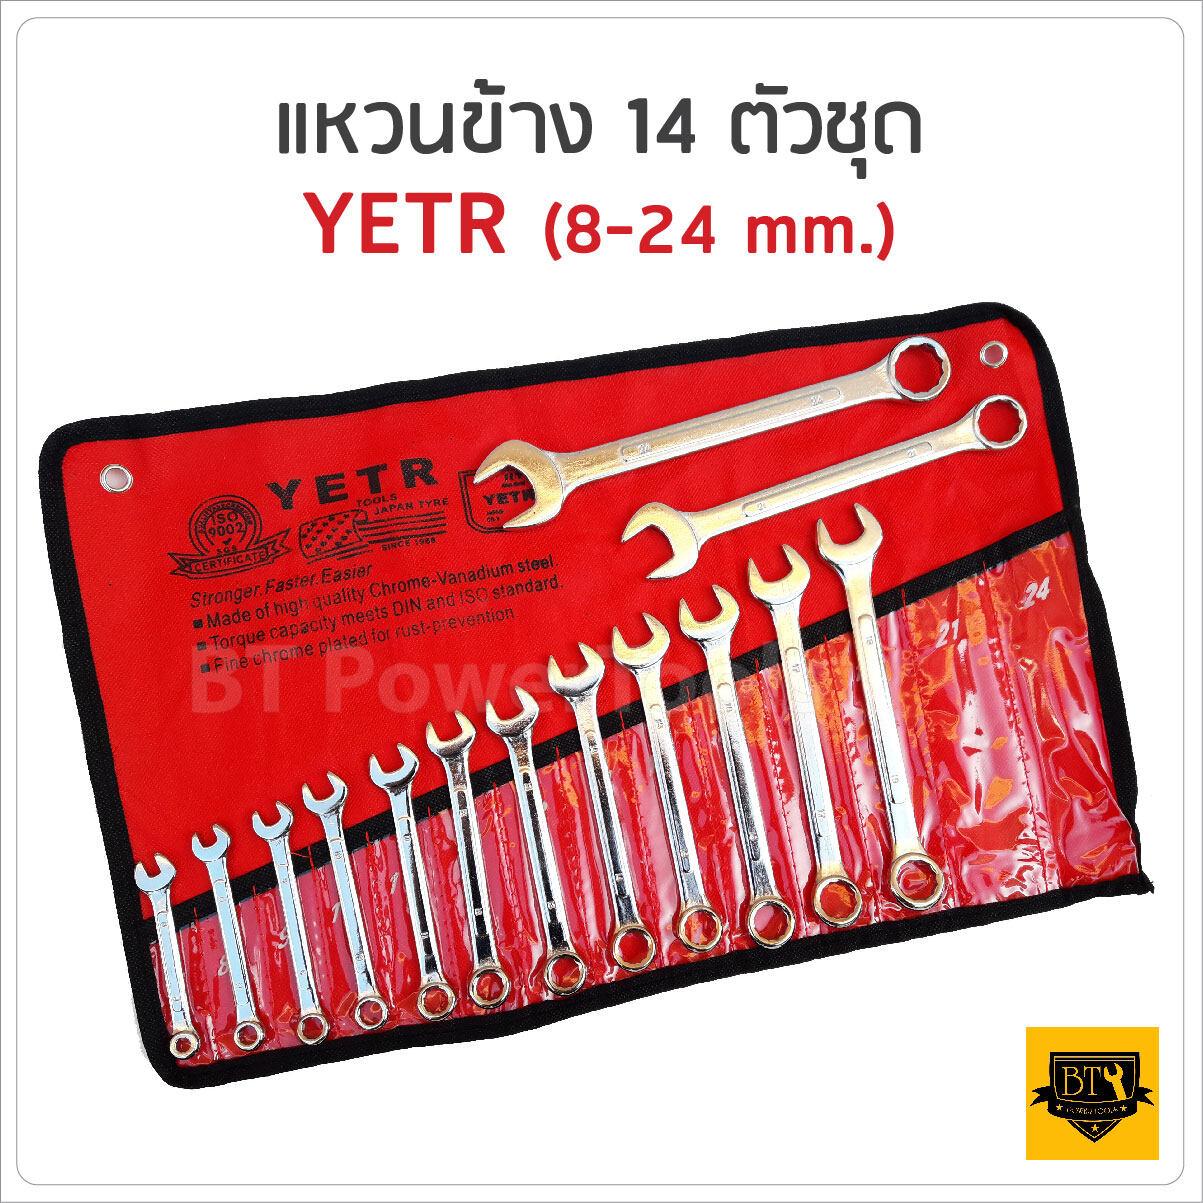 ประแจแหวนข้าง 14 ตัวชุด (8-24 มิล) Yetr.